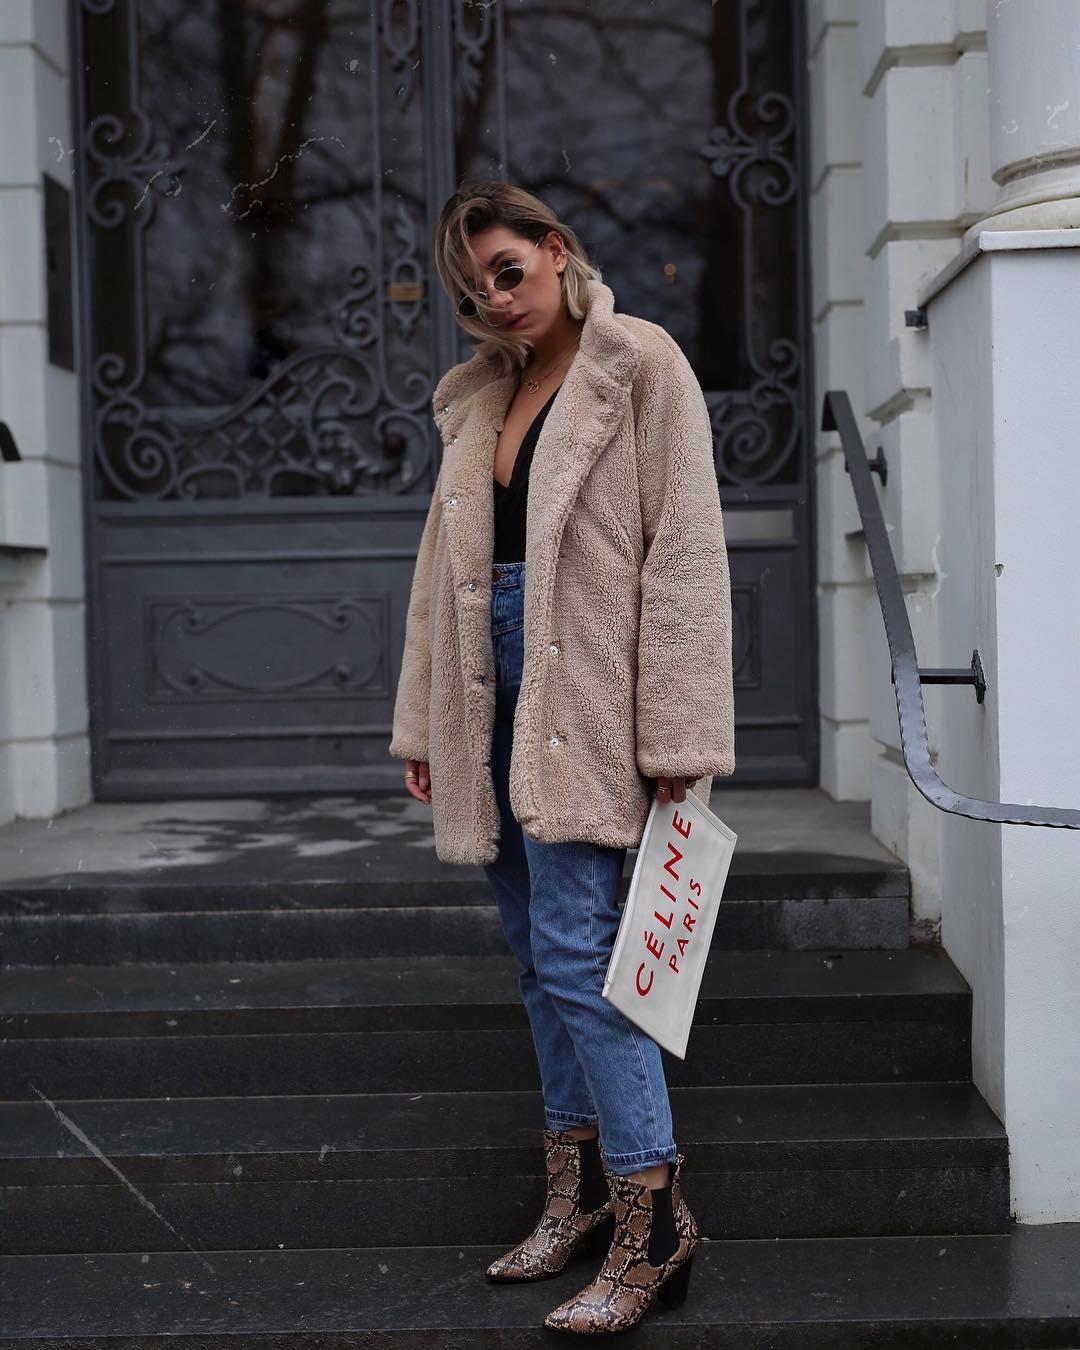 с чем носить джинсы зимой фото 16